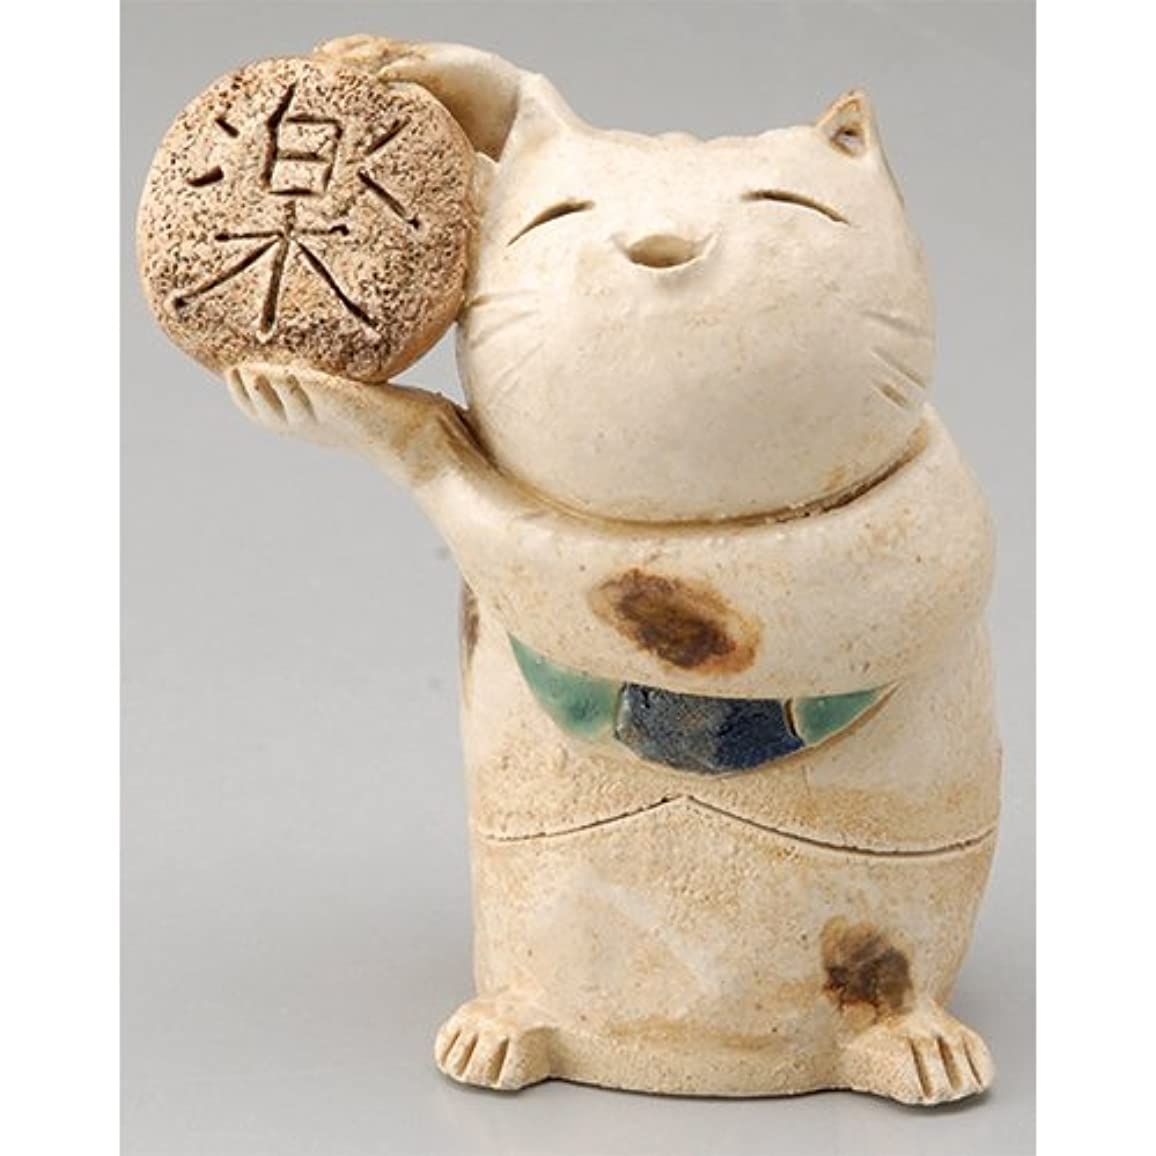 受信ペグ部門香炉 ごえん猫 香炉(楽) [H8.1cm] HANDMADE プレゼント ギフト 和食器 かわいい インテリア